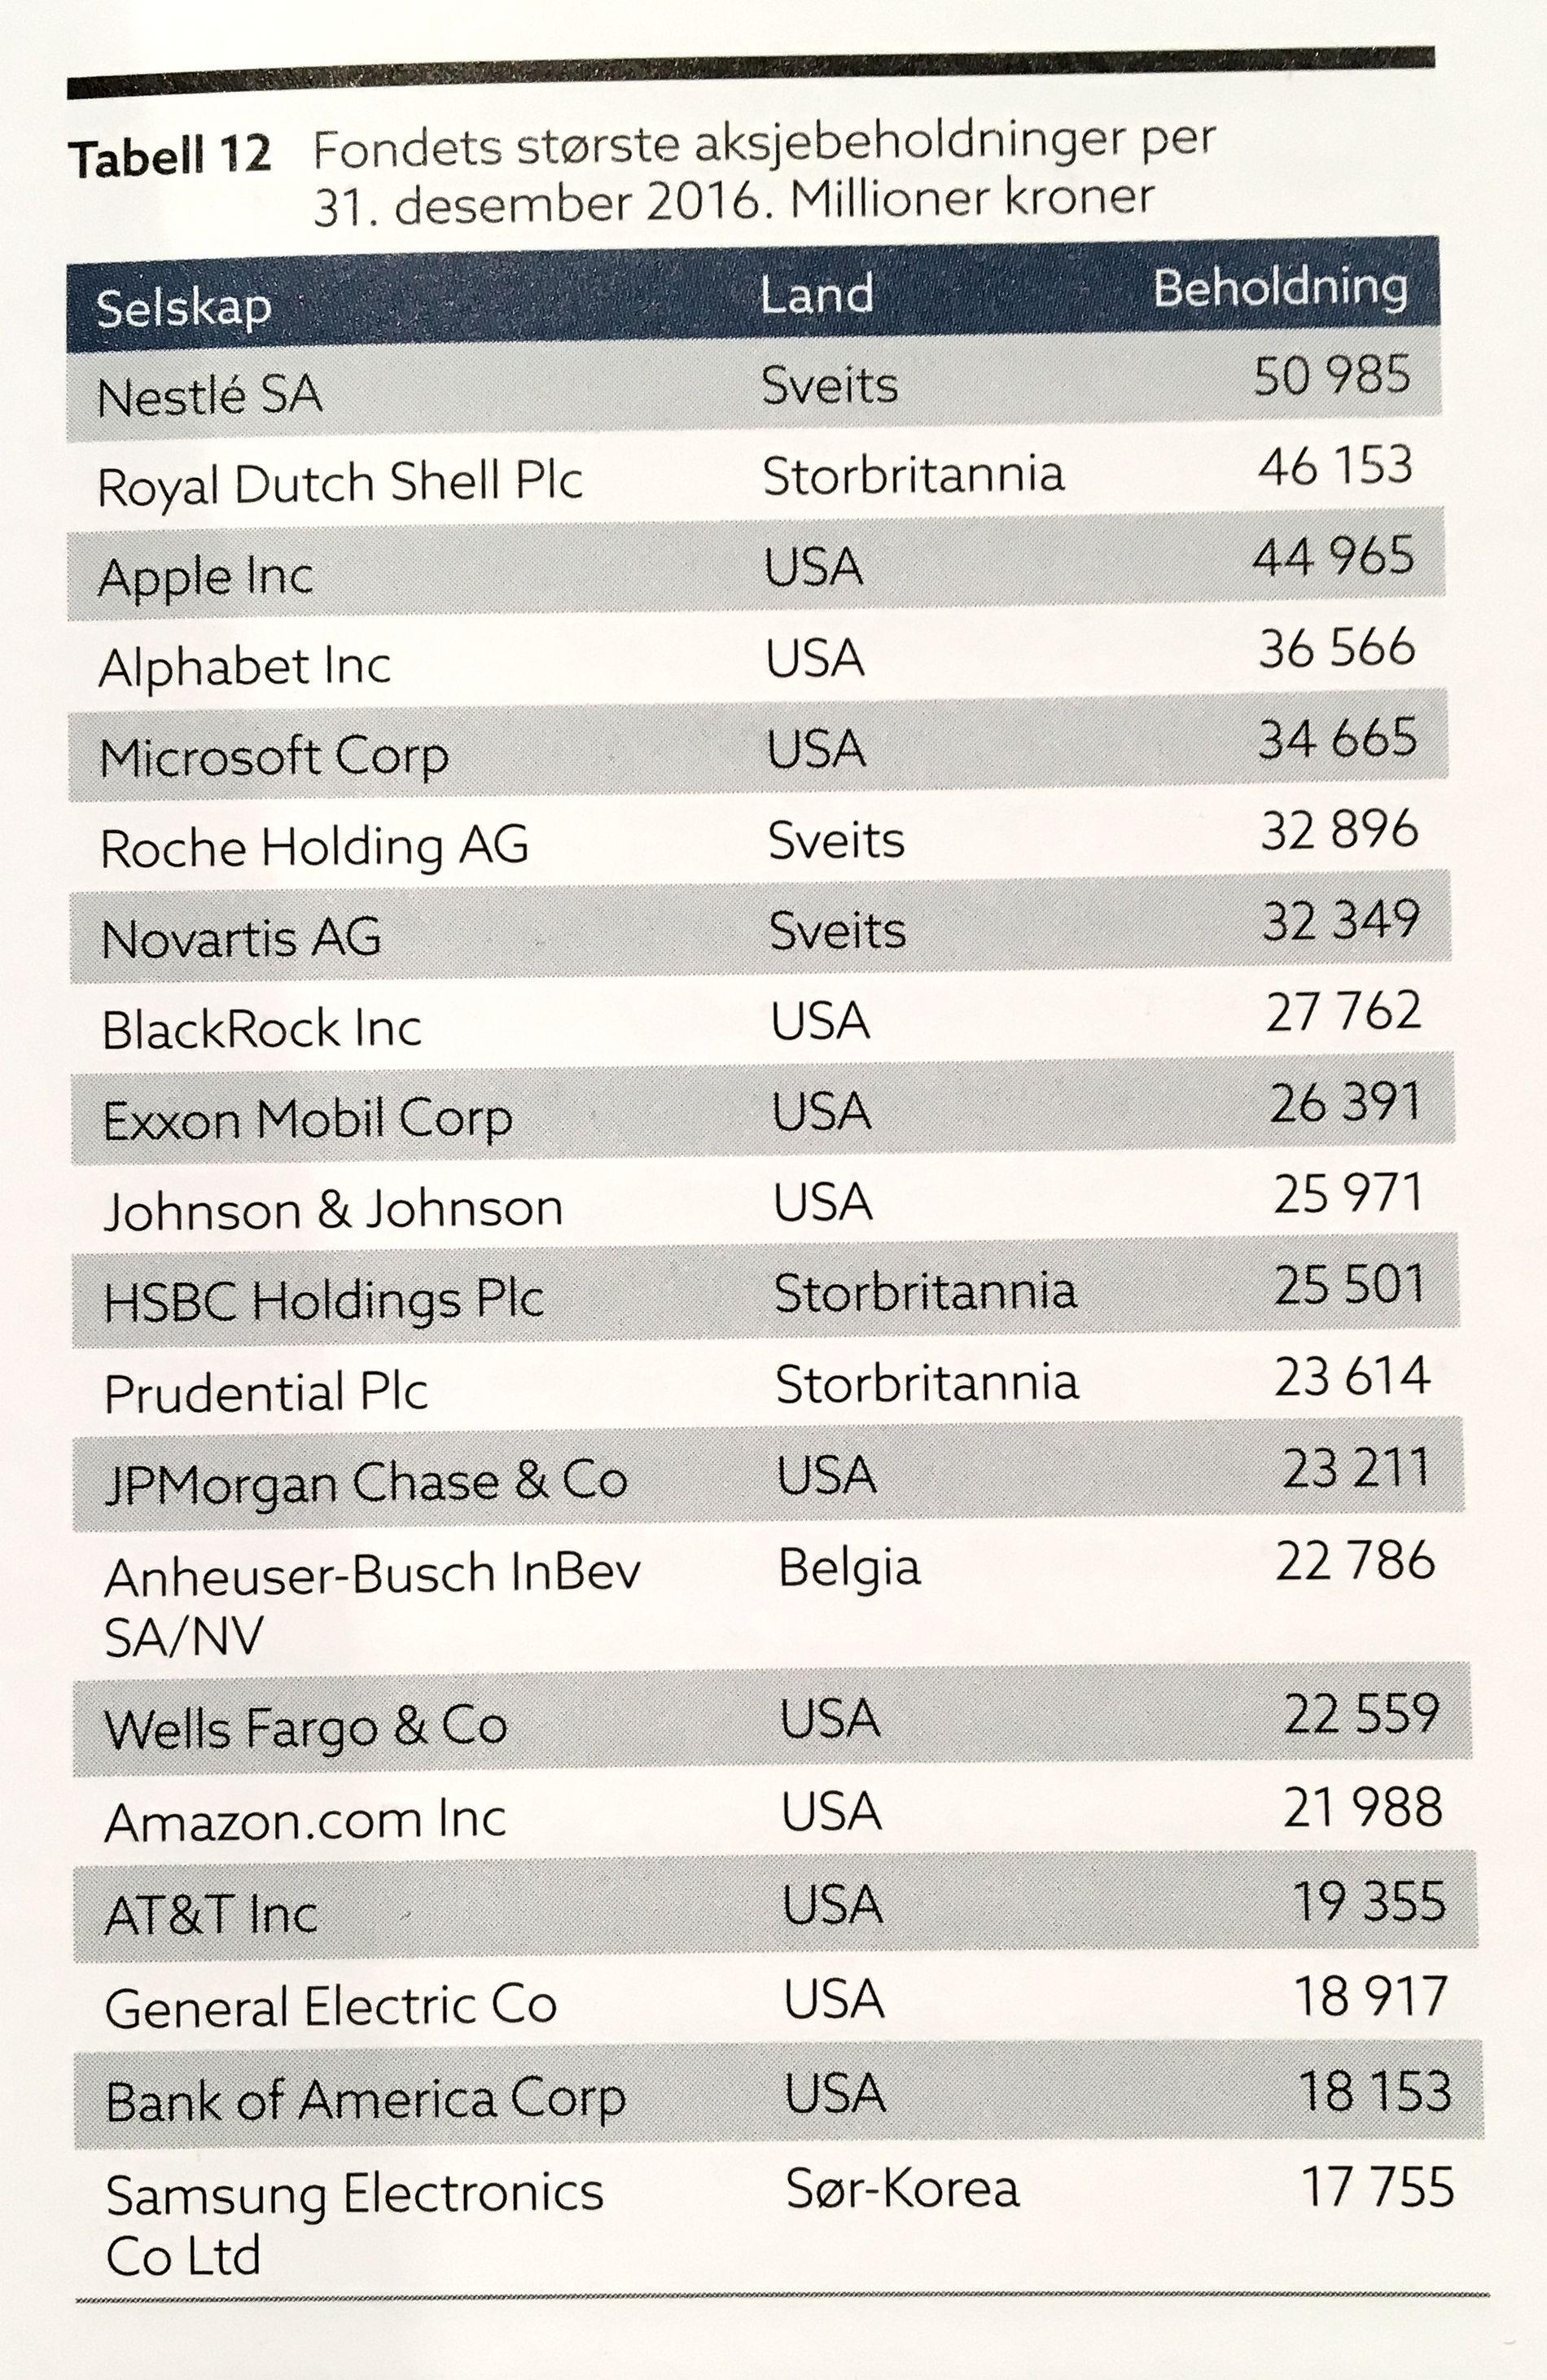 ÅRETS TOPPLISTE: Dette er Oljefondets største aksjebeholdninger per 31. desember 2016.